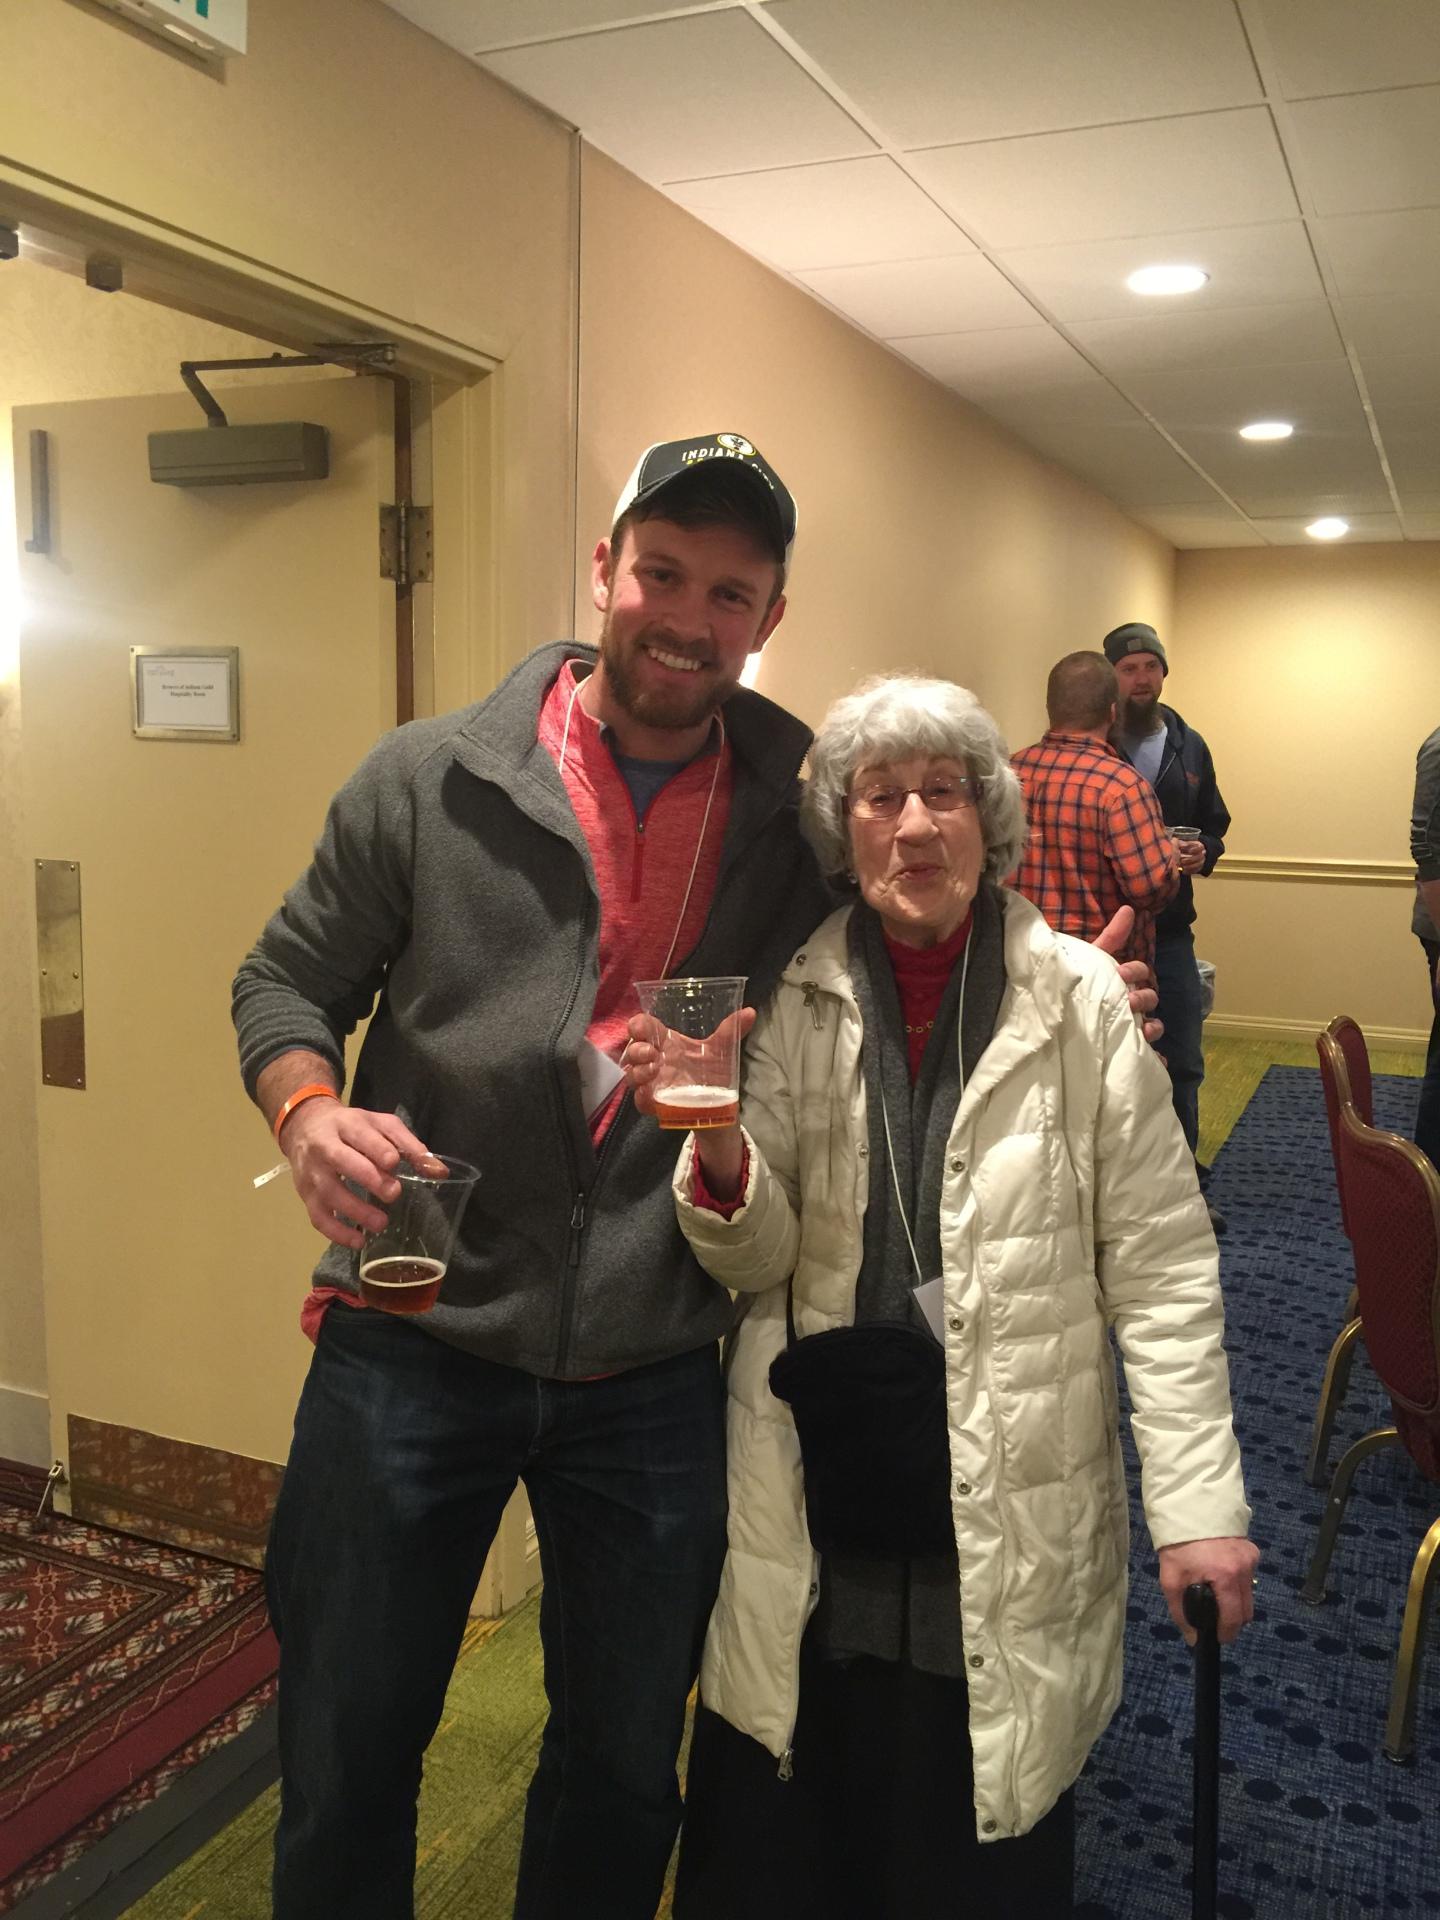 James hanging with Rita Kohn from Nuvo